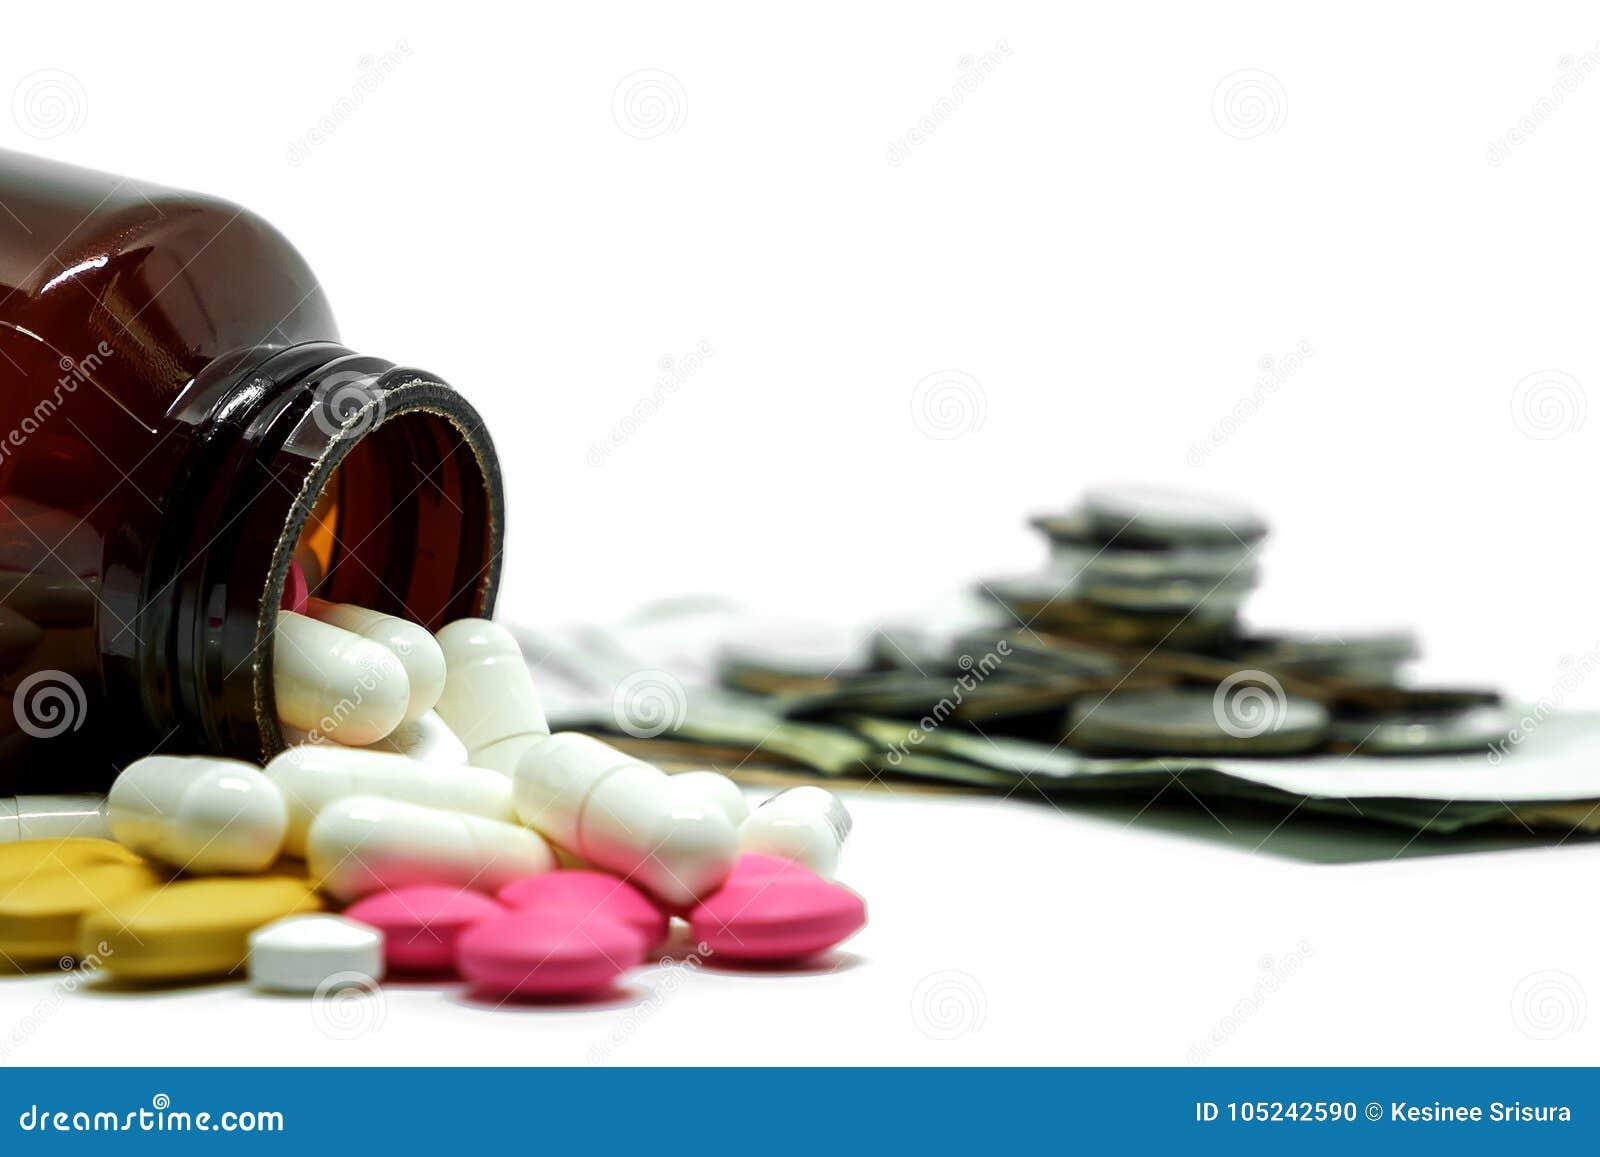 Medizinpillen, Vitamine und Flasche auf unscharfer Geldmünze und weißer Hintergrund mit Kopienraum